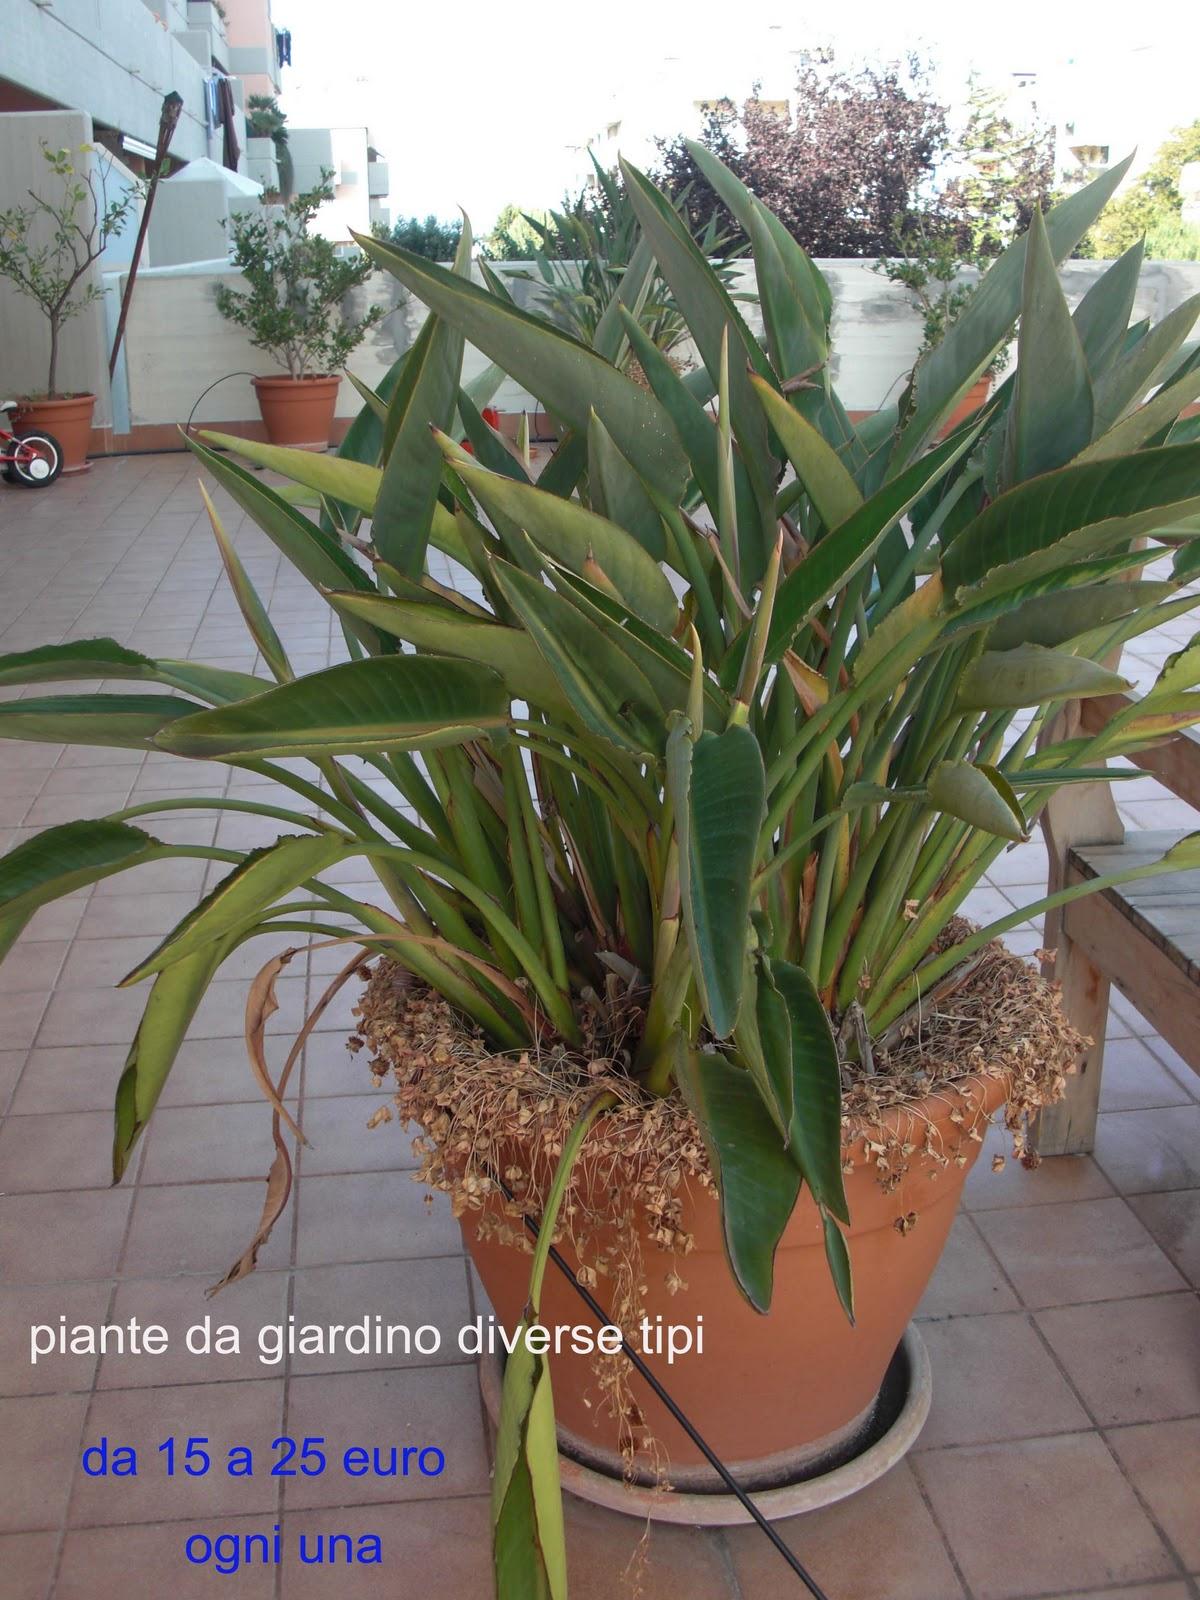 Vendesi seminuovi bari piante da giardino diversi tipi for Vendita piante da giardino